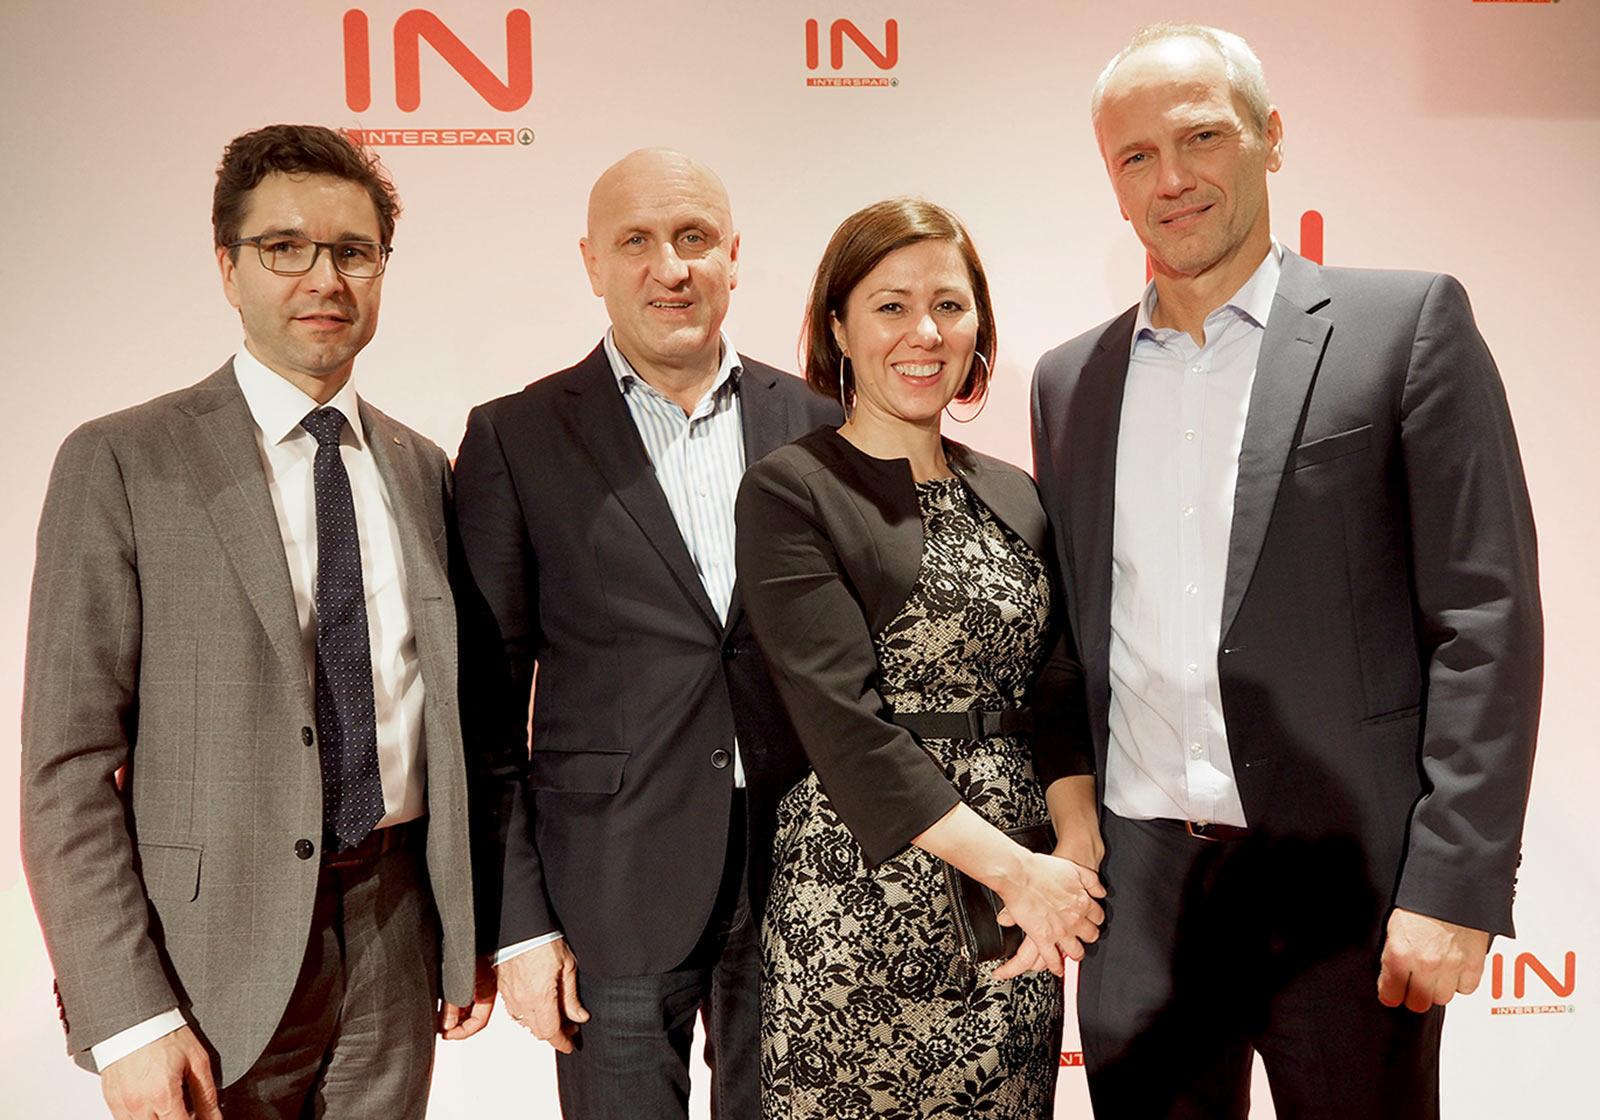 Слева направо: Маркус Казер (управляющий директор INTERSPAR), Хорст Райнер (управляющий директор АТР Вена), Нина Пототшниг (менеджер проекта, SES), Андреас Шаллер (главный менеджер проекта, АТР Вена). Фото: ATP